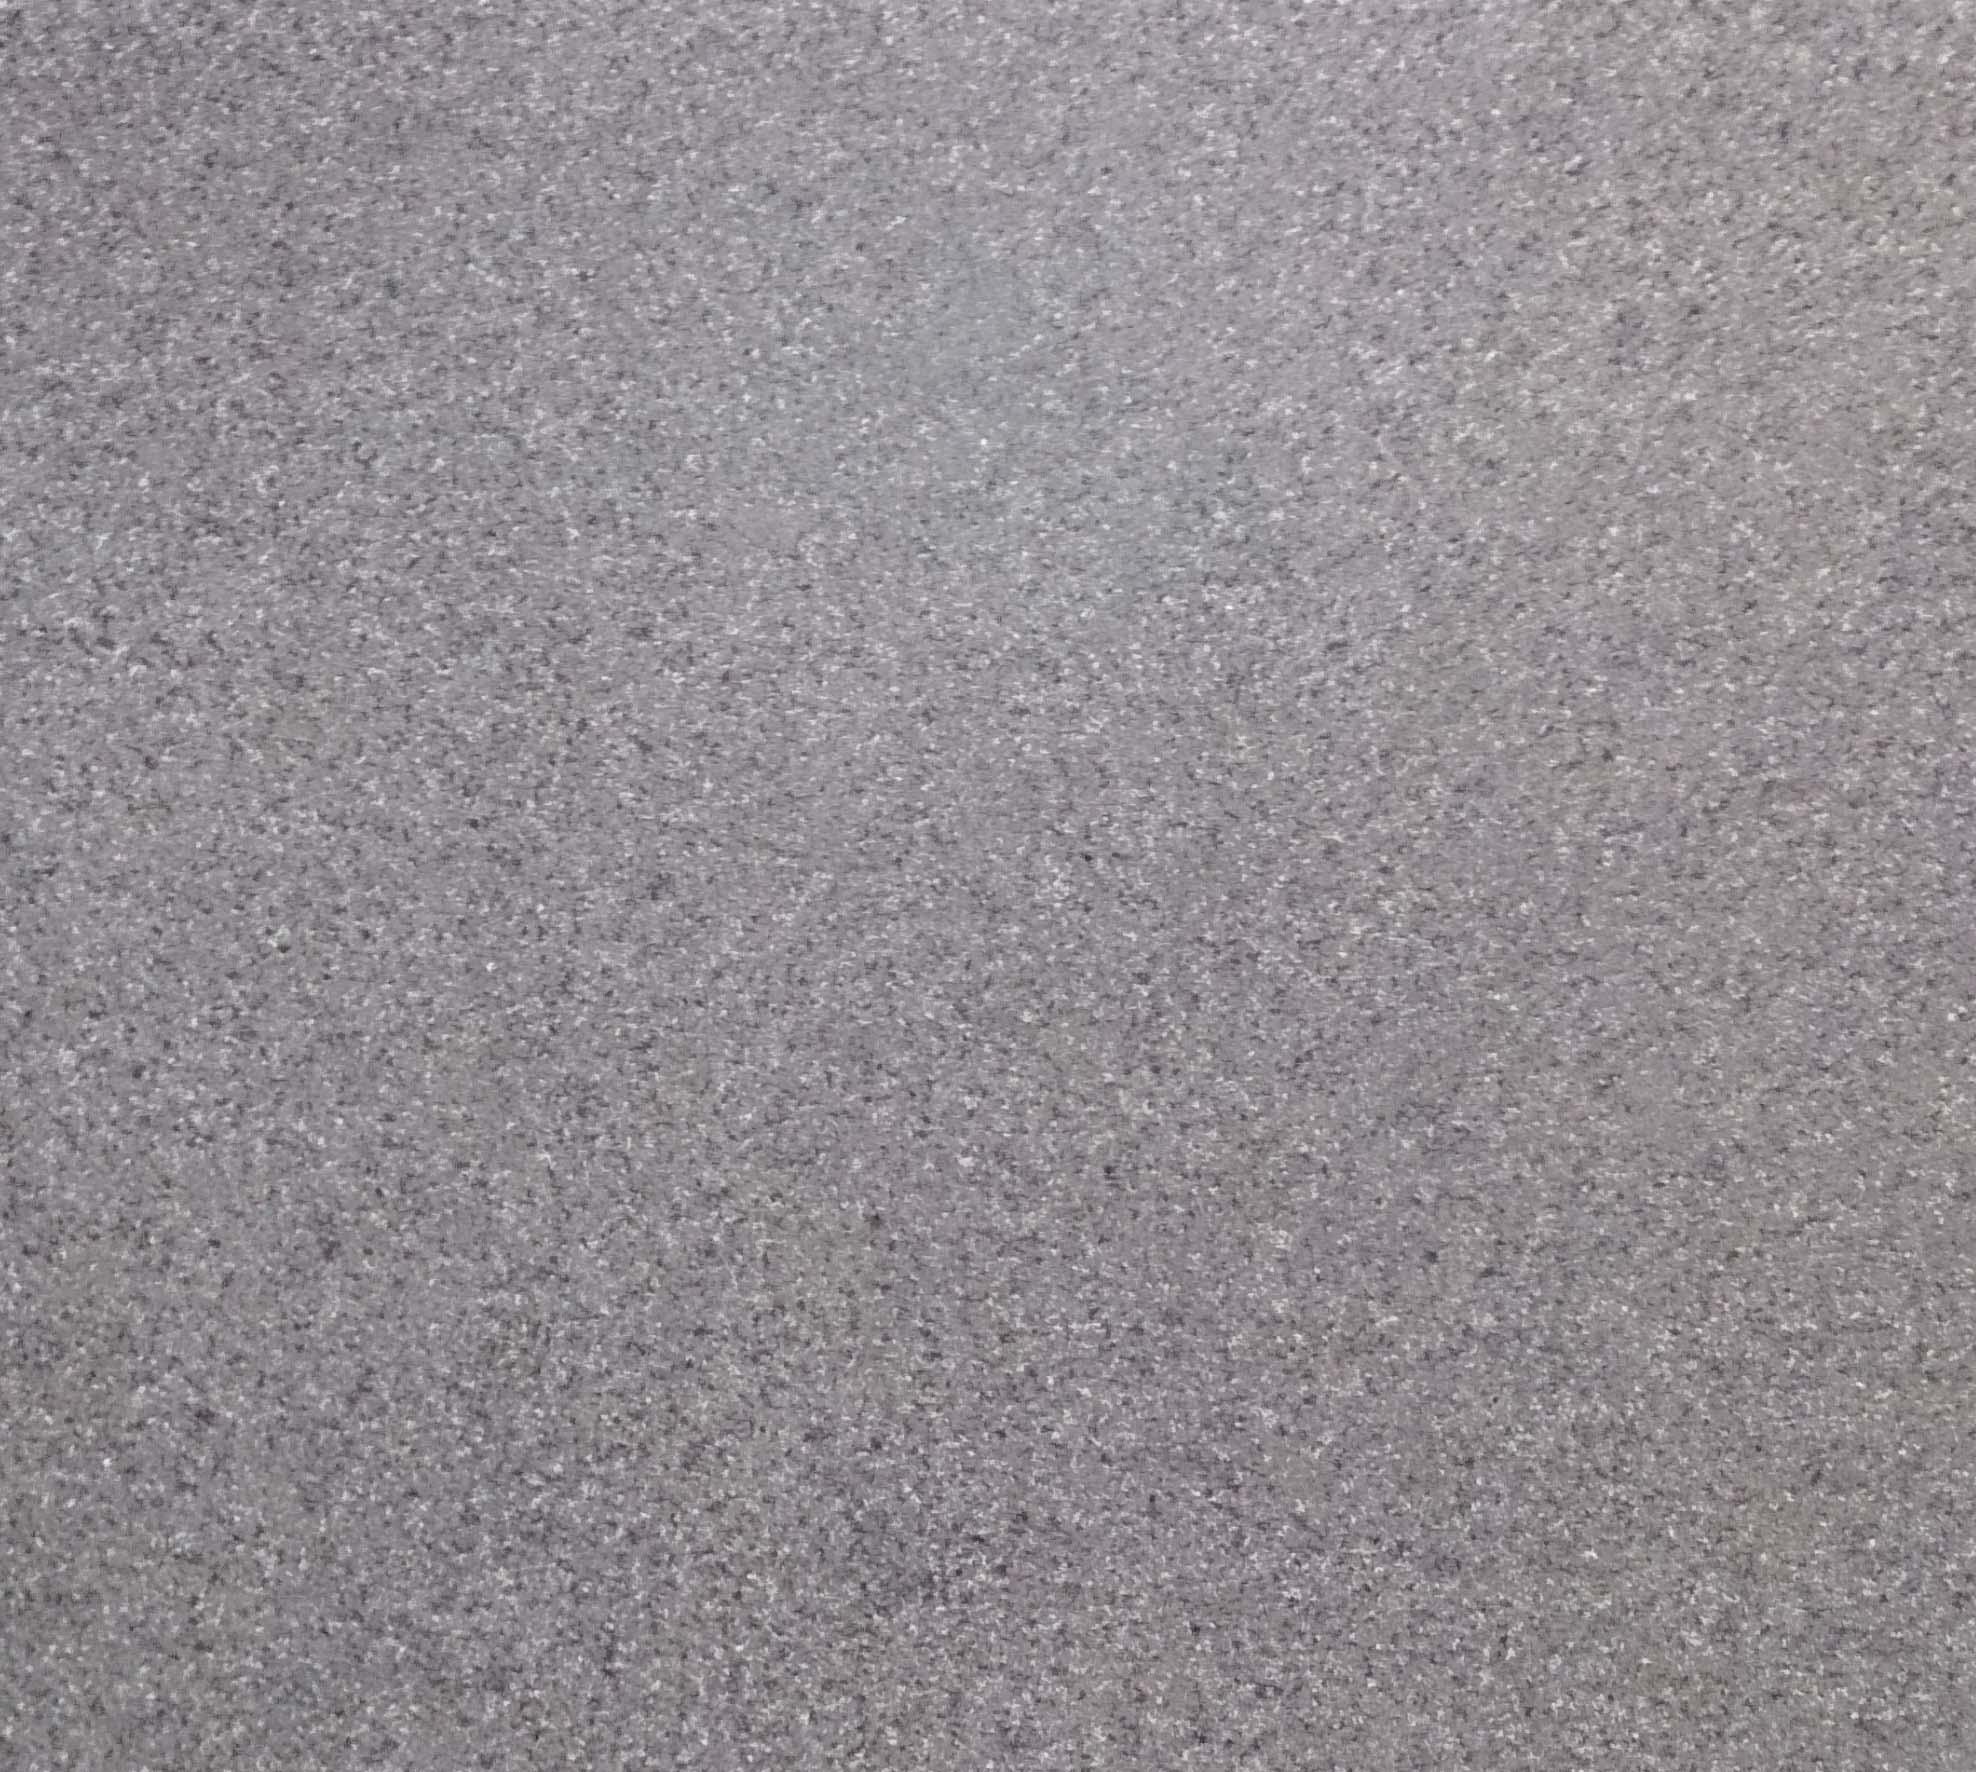 Keramische tegels grey lgn 60x60x2 for M2 berekenen tegels